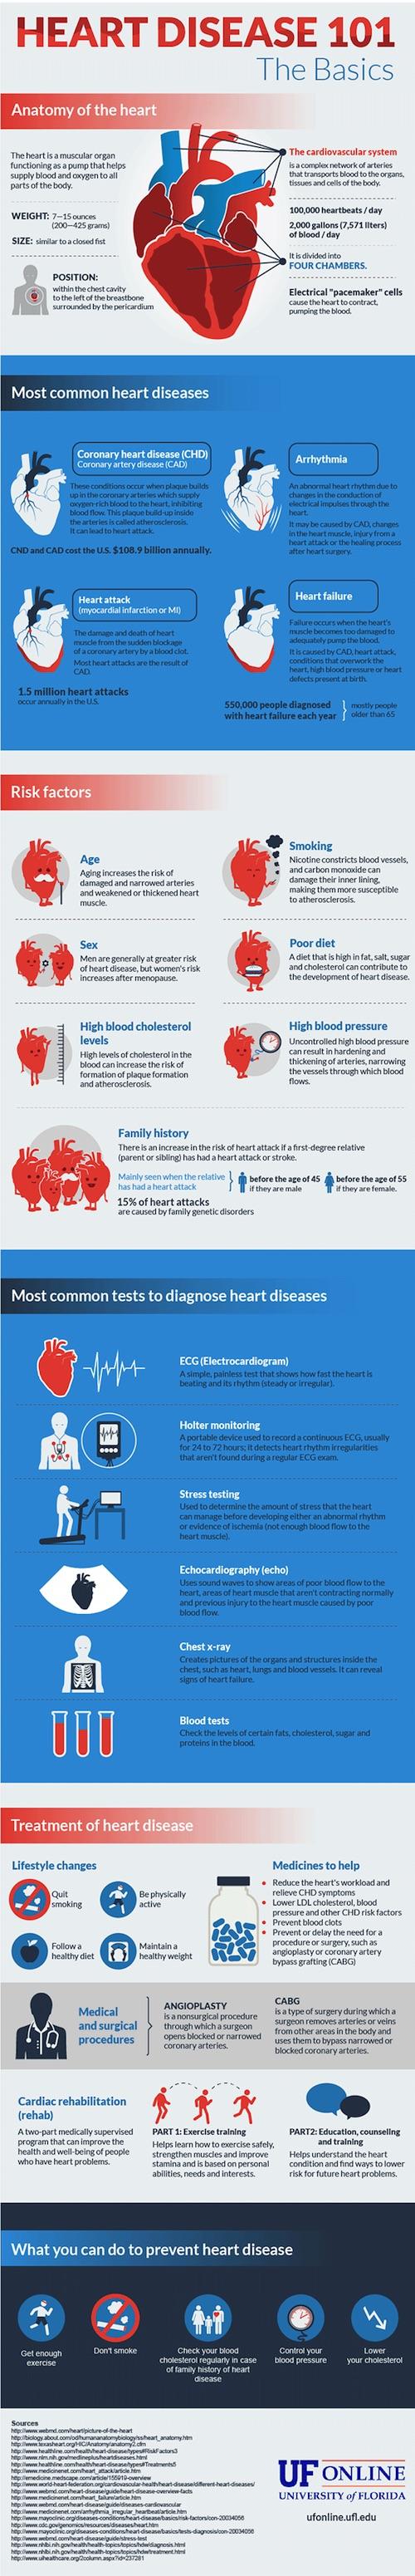 Healthy Heart Talk for Women